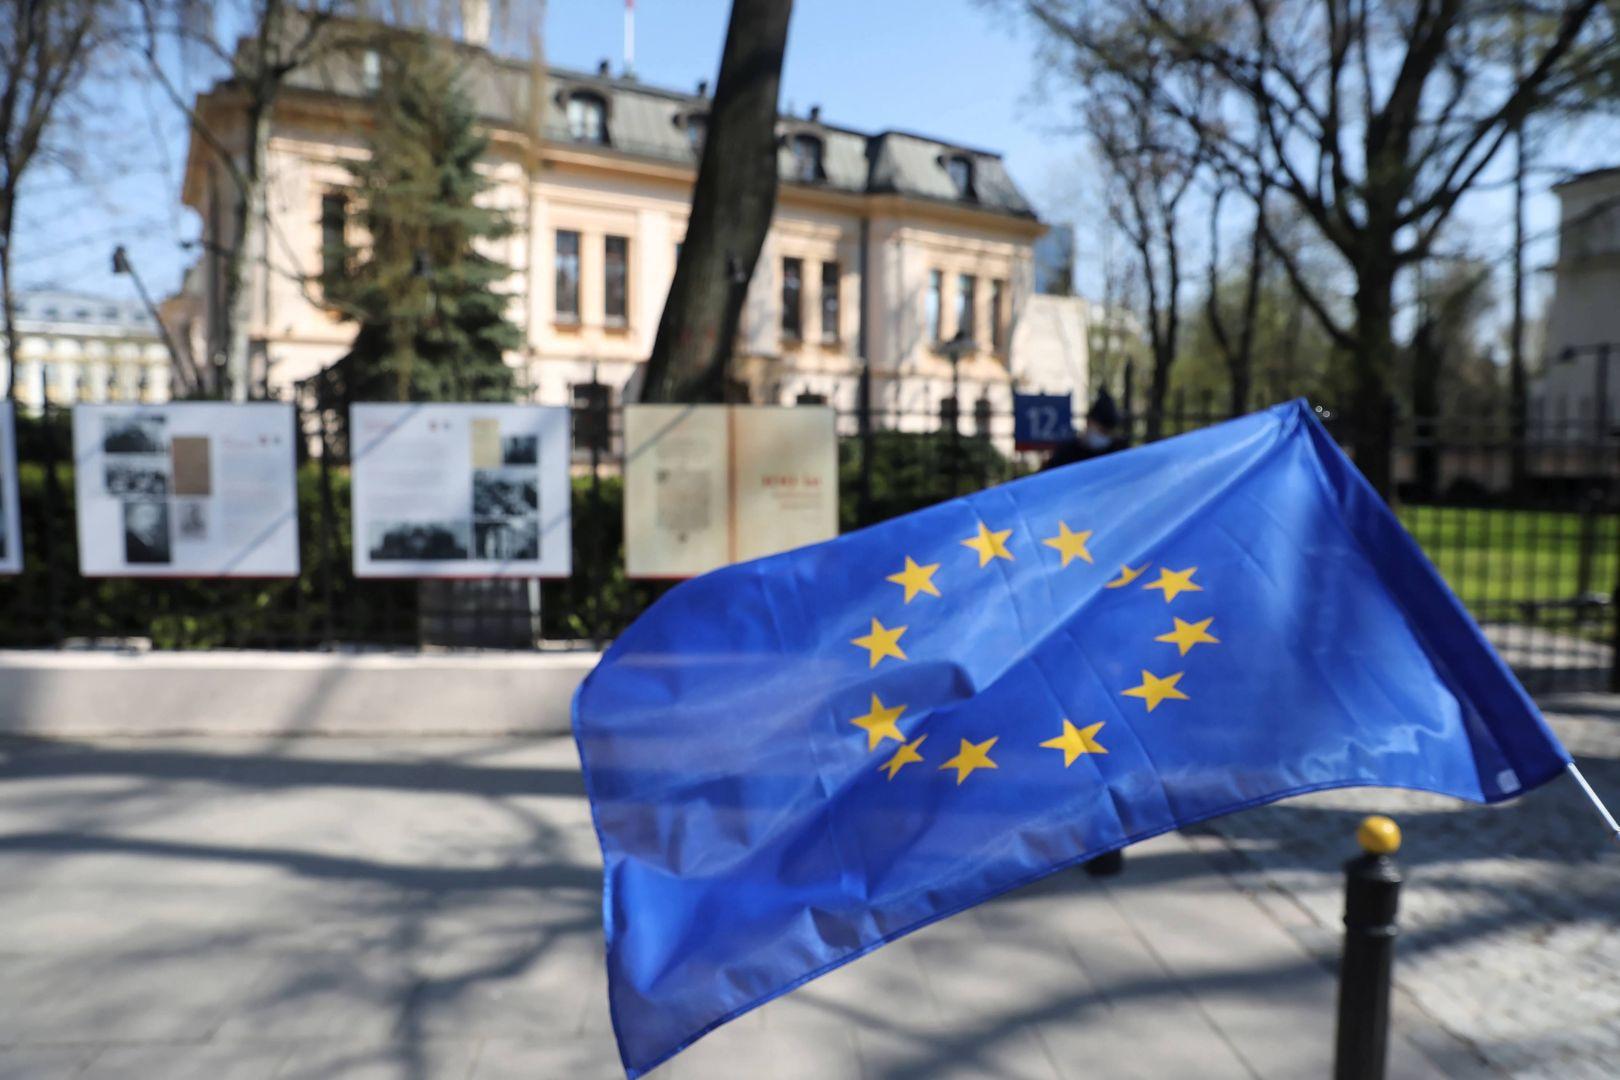 Na początku sierpnia Trybunał Konstytucyjny ma wydać orzeczenie w sprawie relacji między konstytucją a prawem unijnym